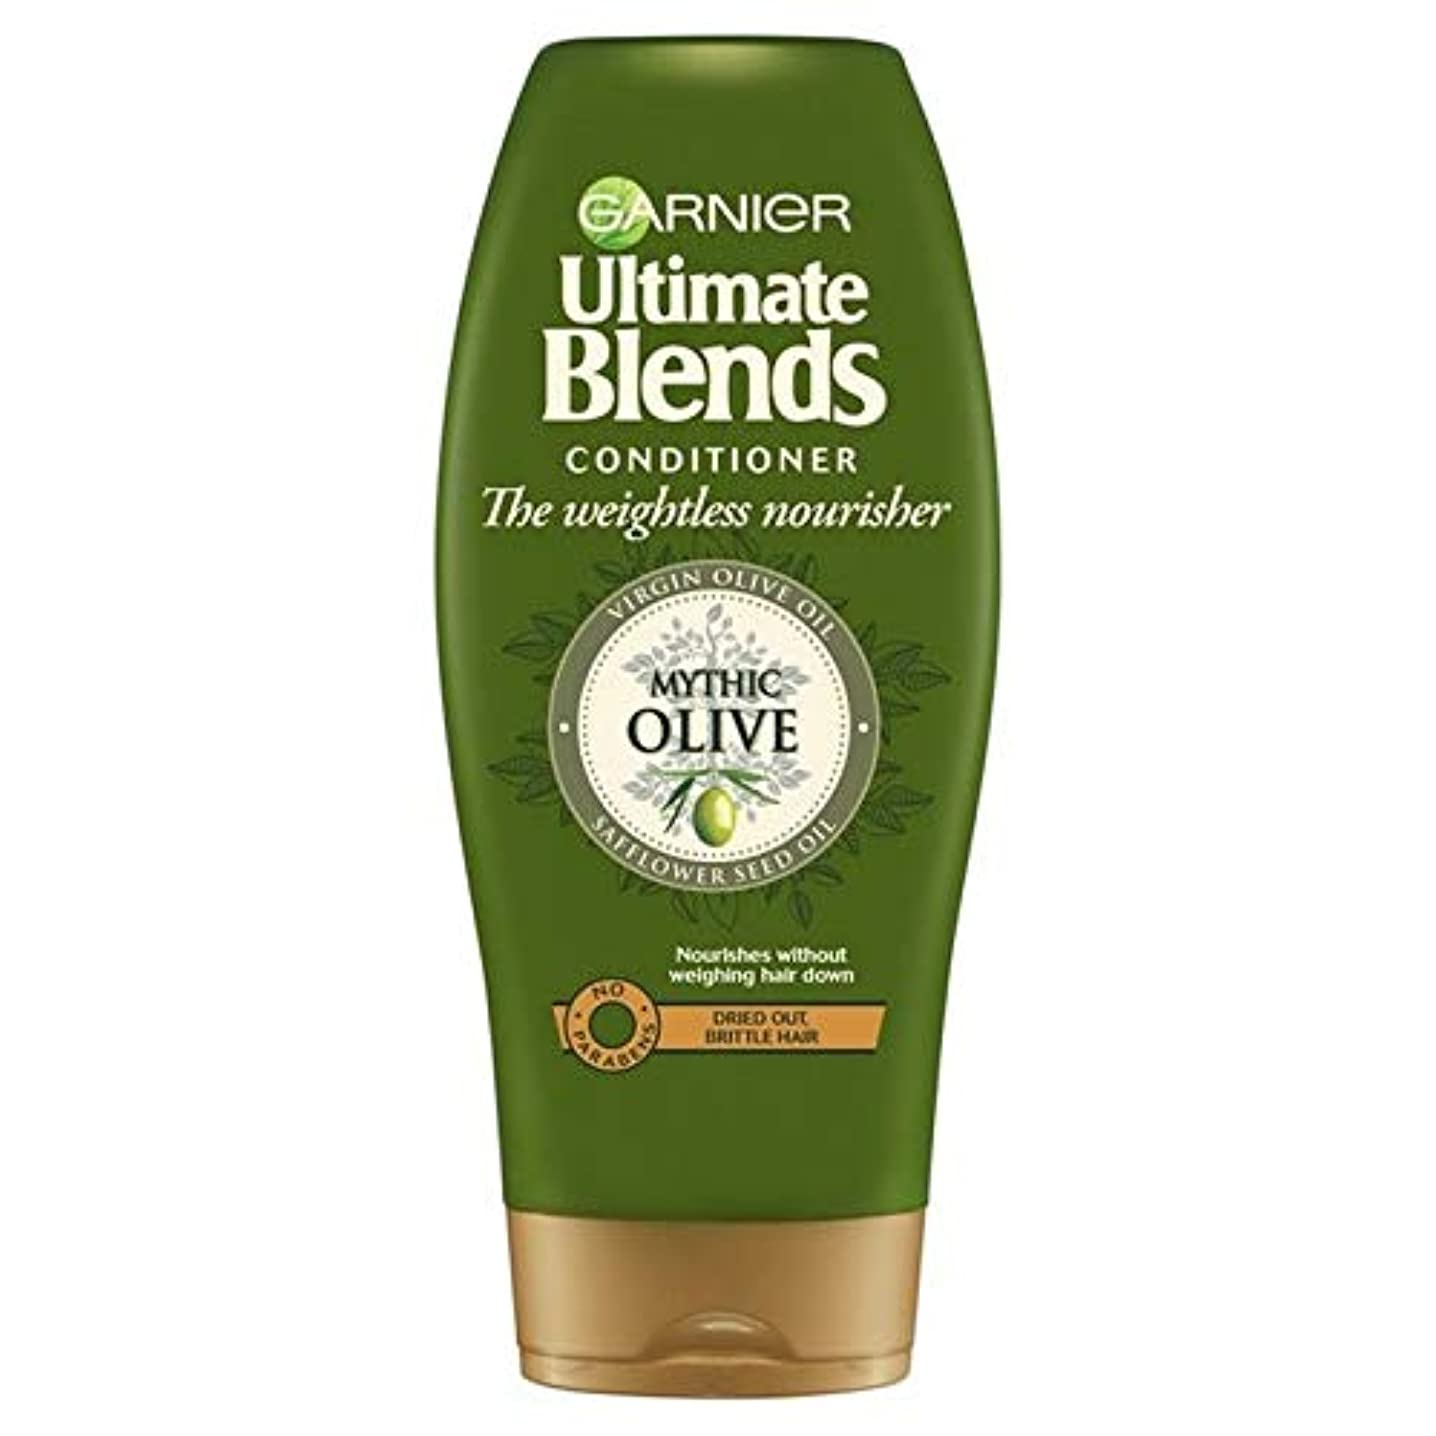 縁勝つマーベル[Garnier ] ガルニエ究極のオリーブオイルドライヘアコンディショナー360ミリリットルをブレンド - Garnier Ultimate Blends Olive Oil Dry Hair Conditioner...